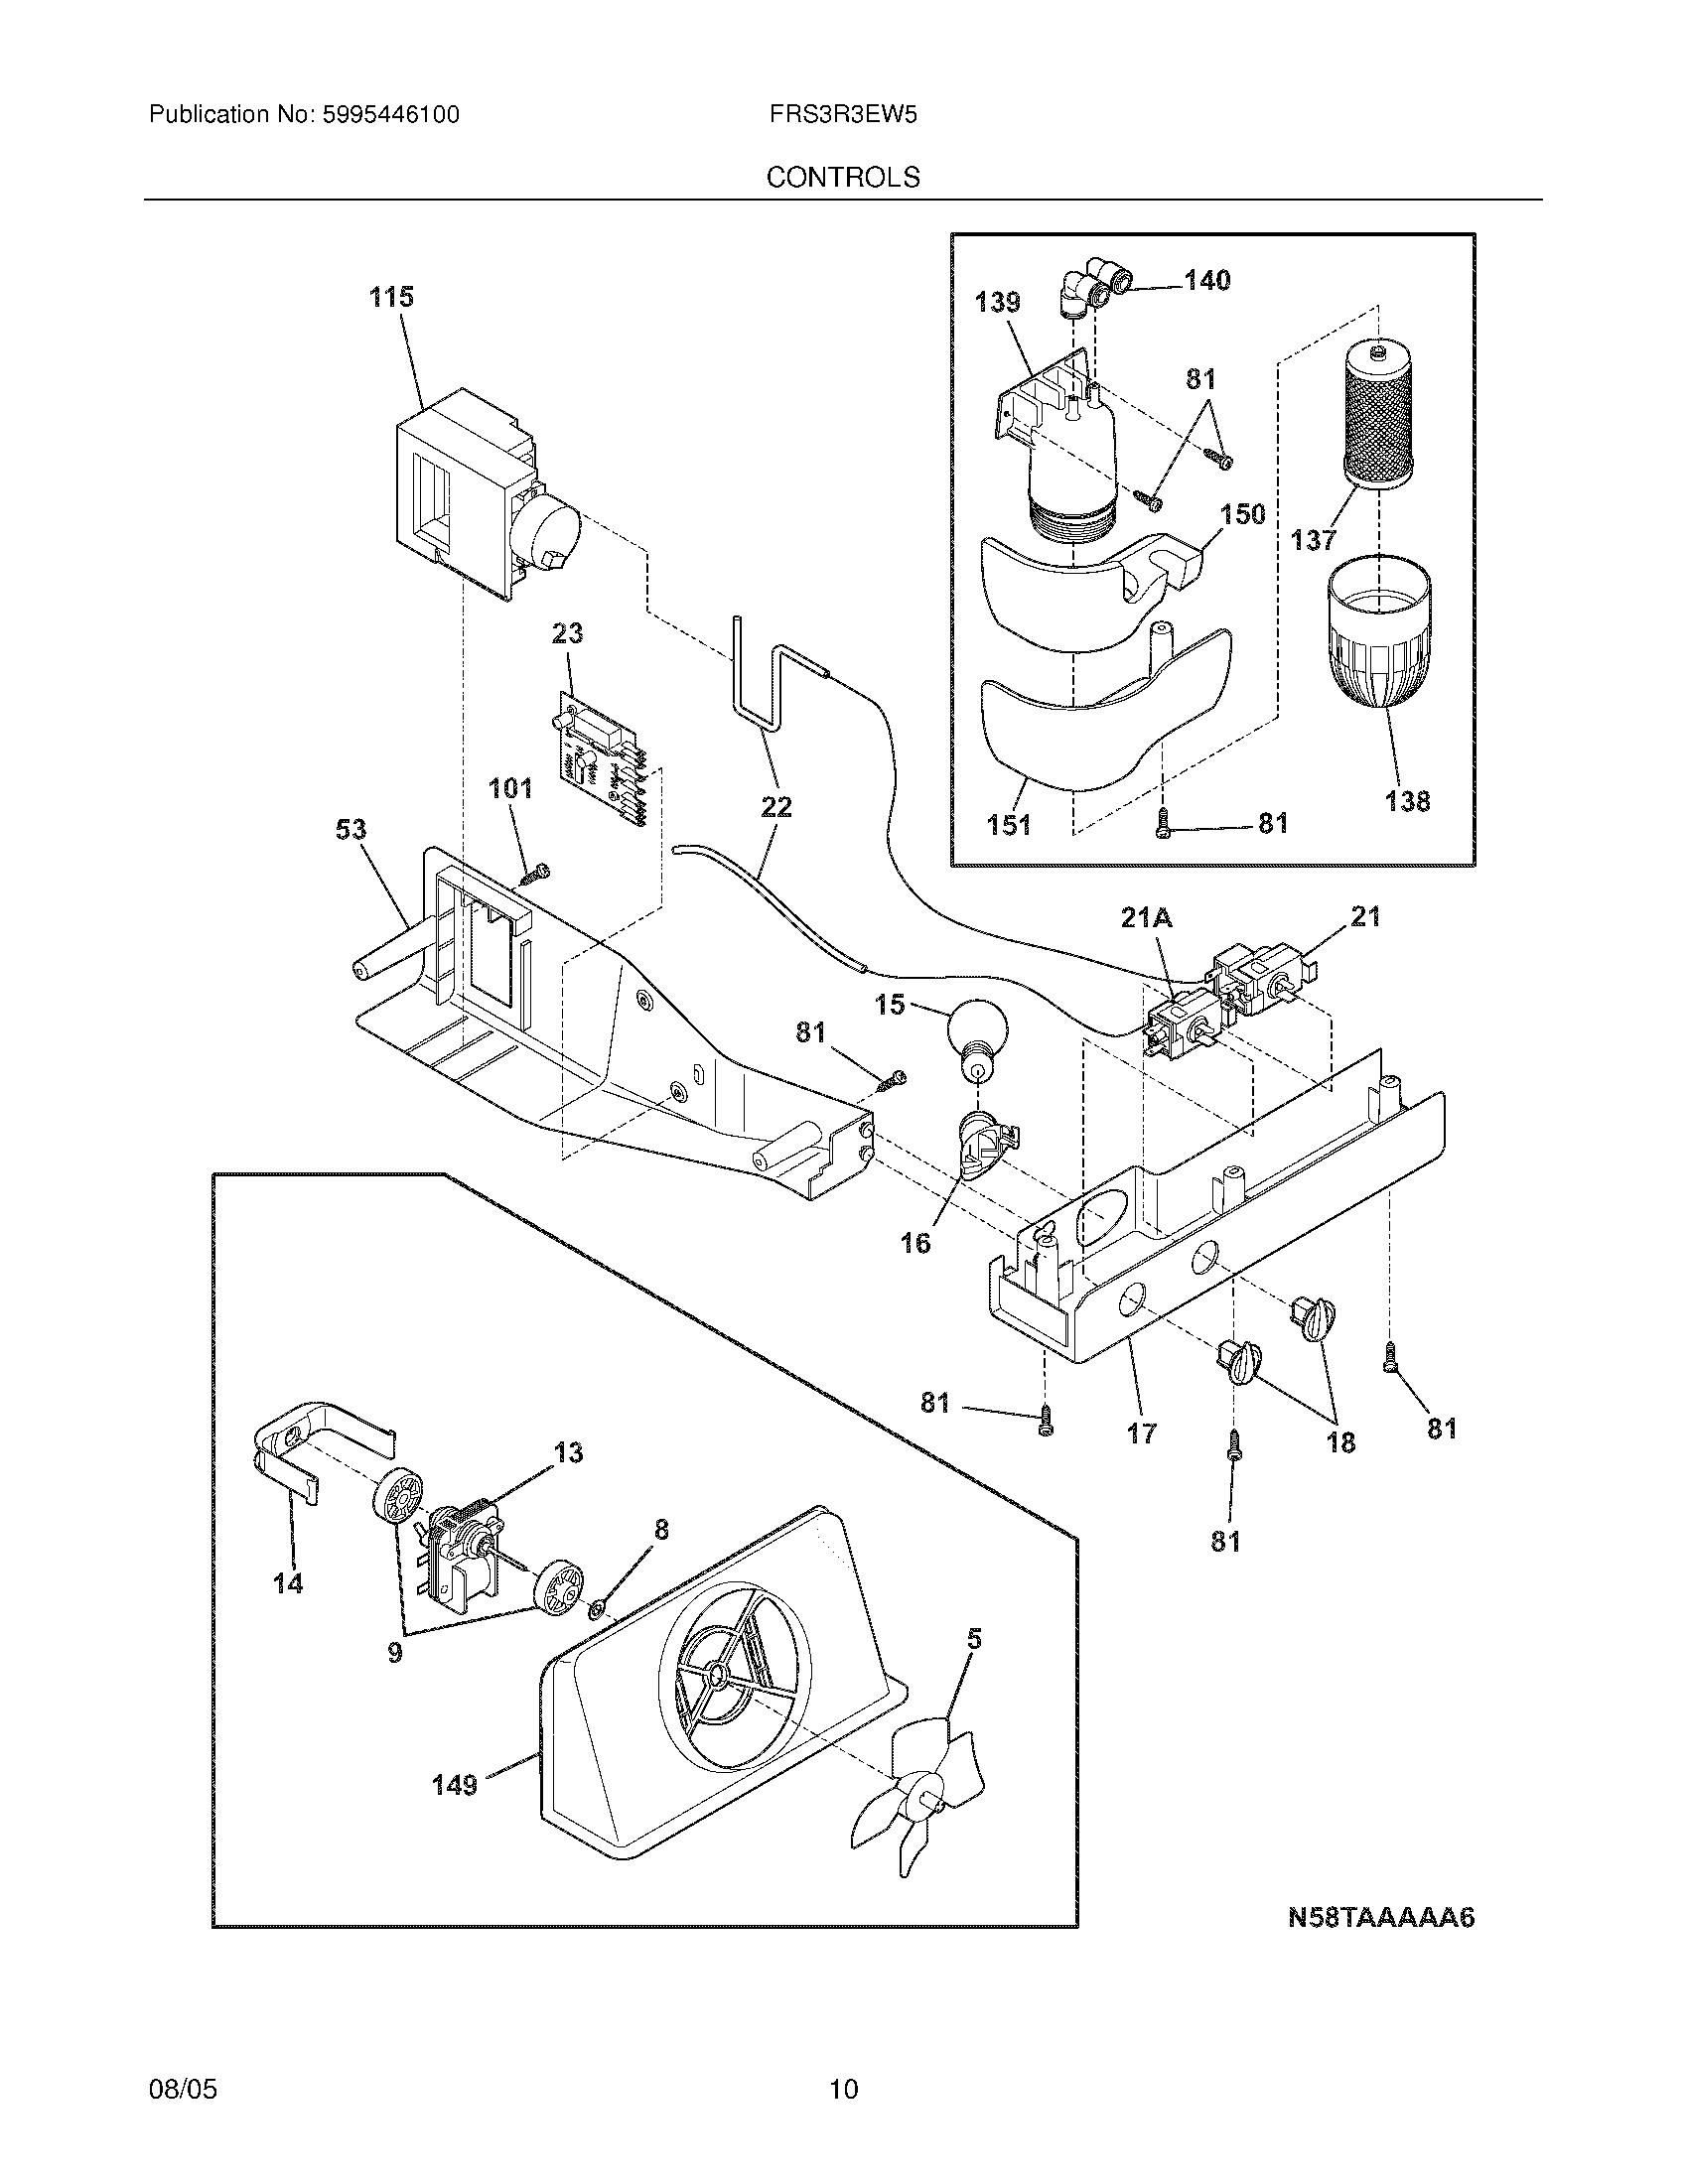 Plans et pièces pour Electrolux Refrigerator modèle